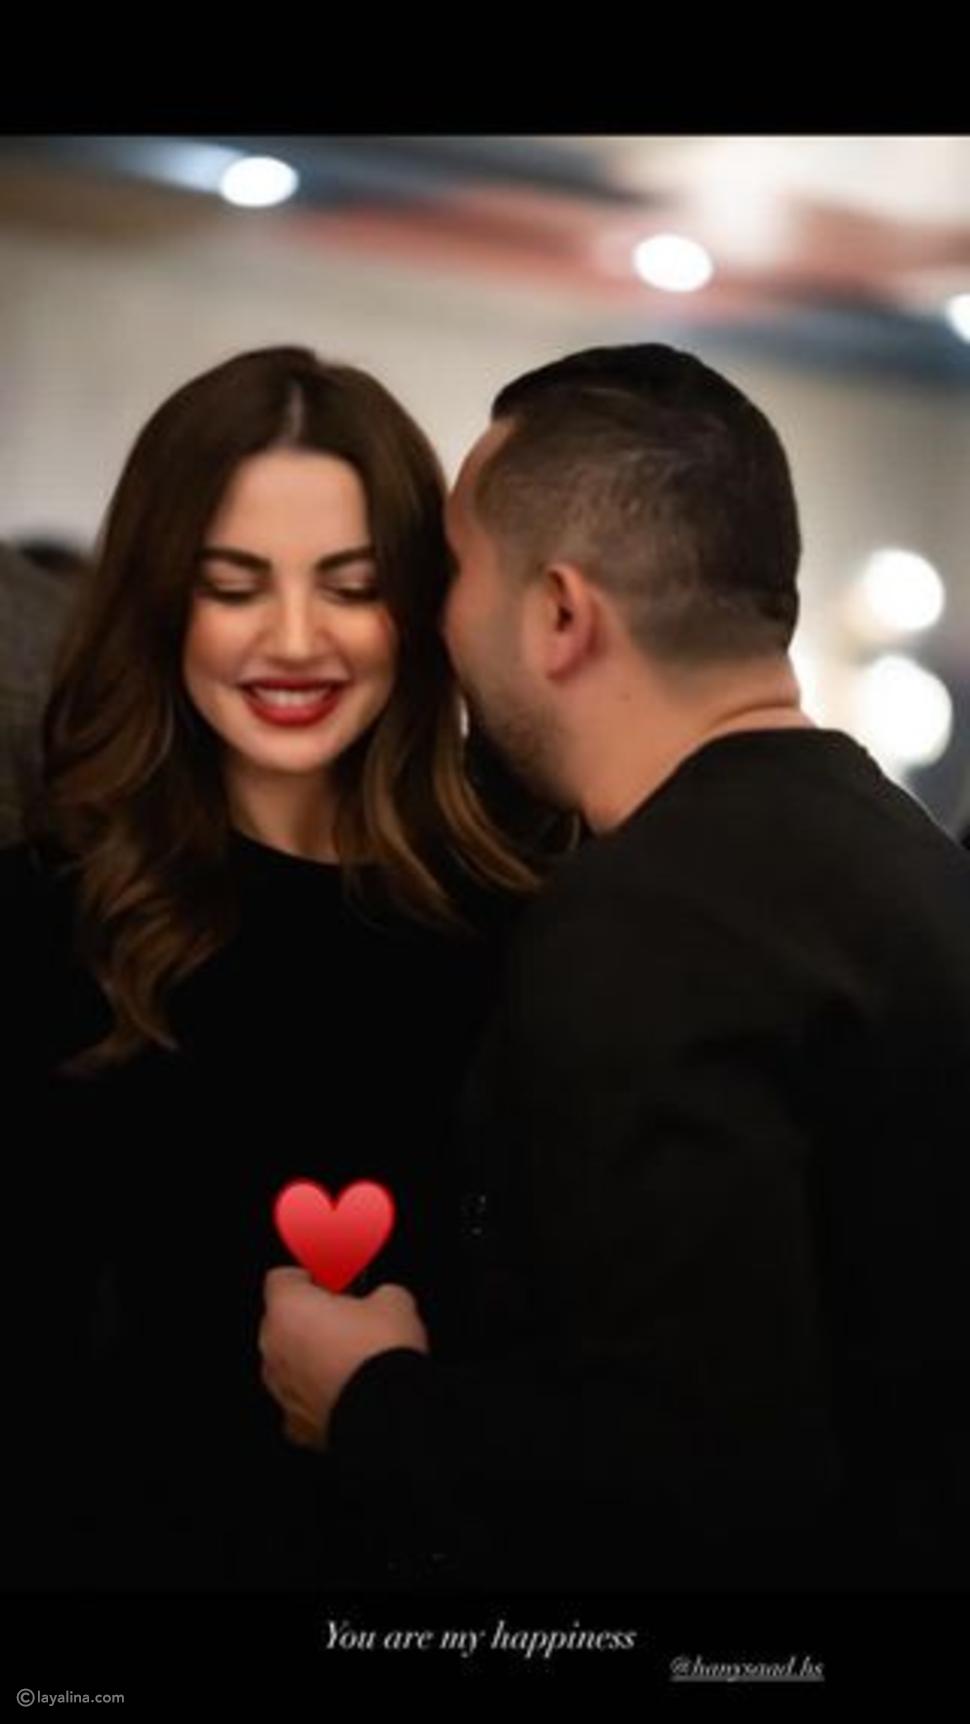 هاني سعد يفاجئ درة في أول عيد ميلاد لها بعد الزواج: وهكذا ردت